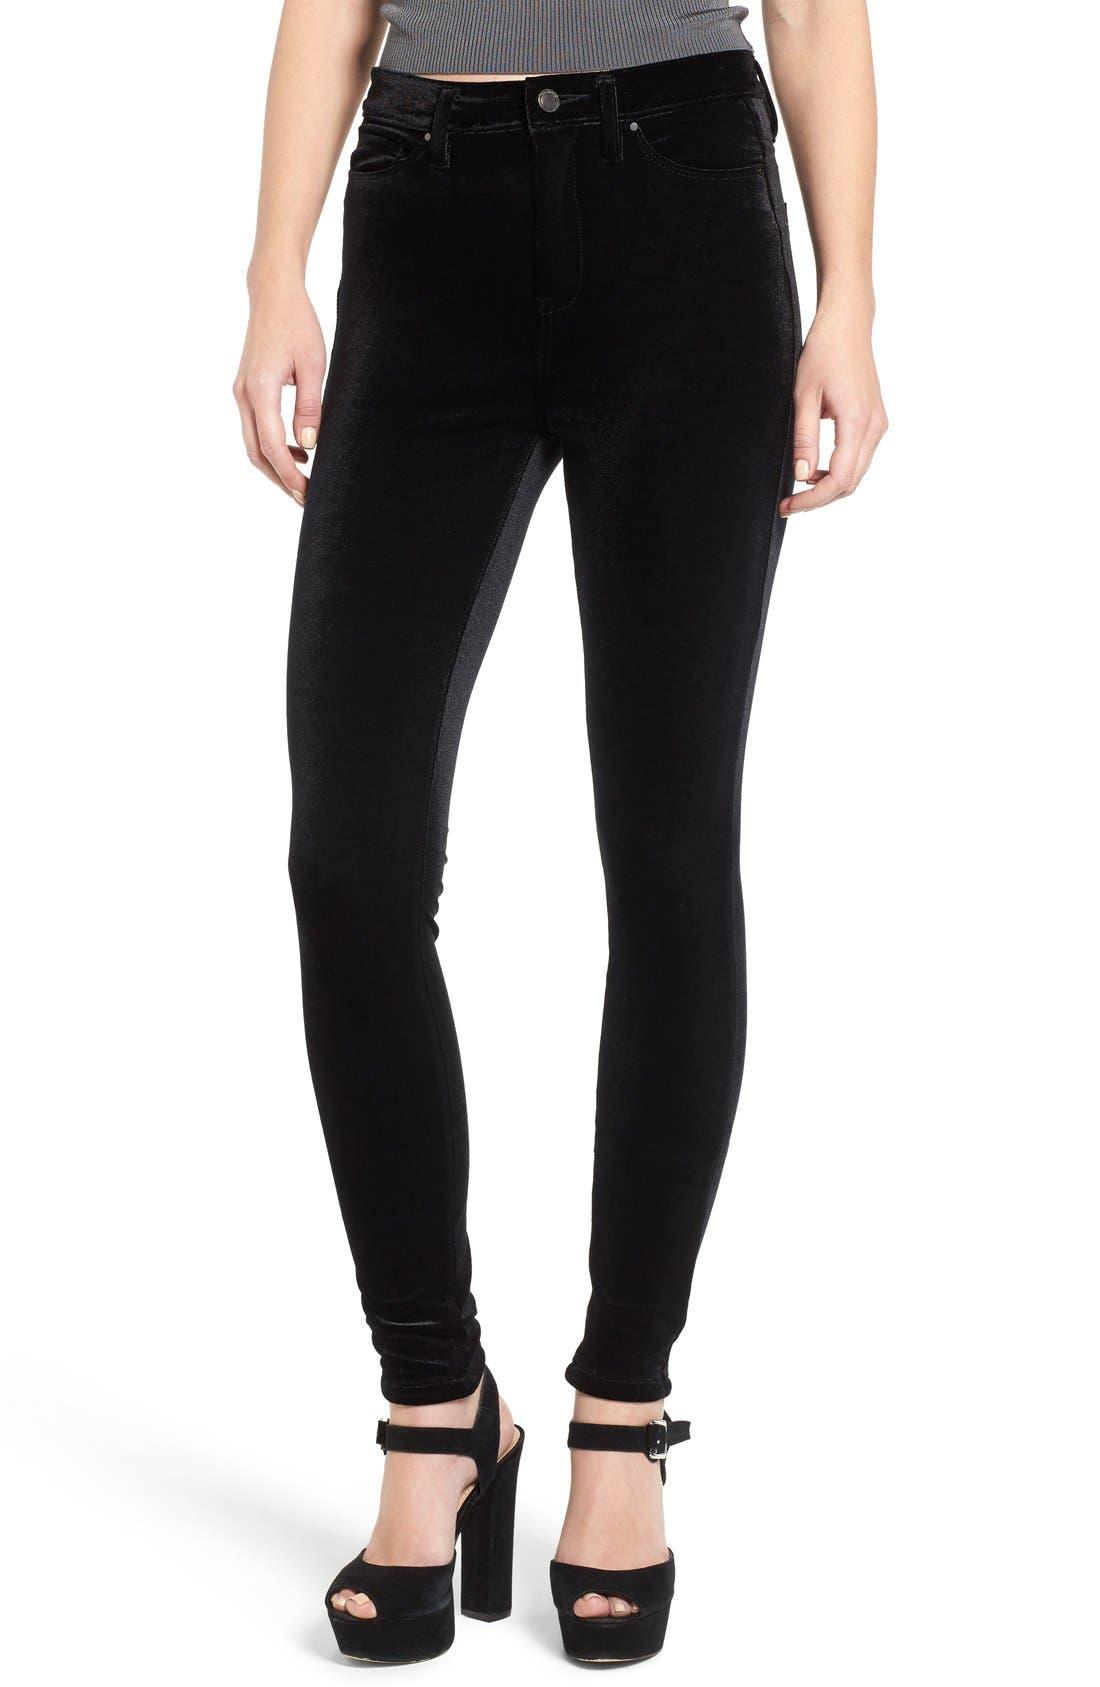 Alternate Image 1 Selected - BLANKNYC Velvet High Rise Skinny Jeans